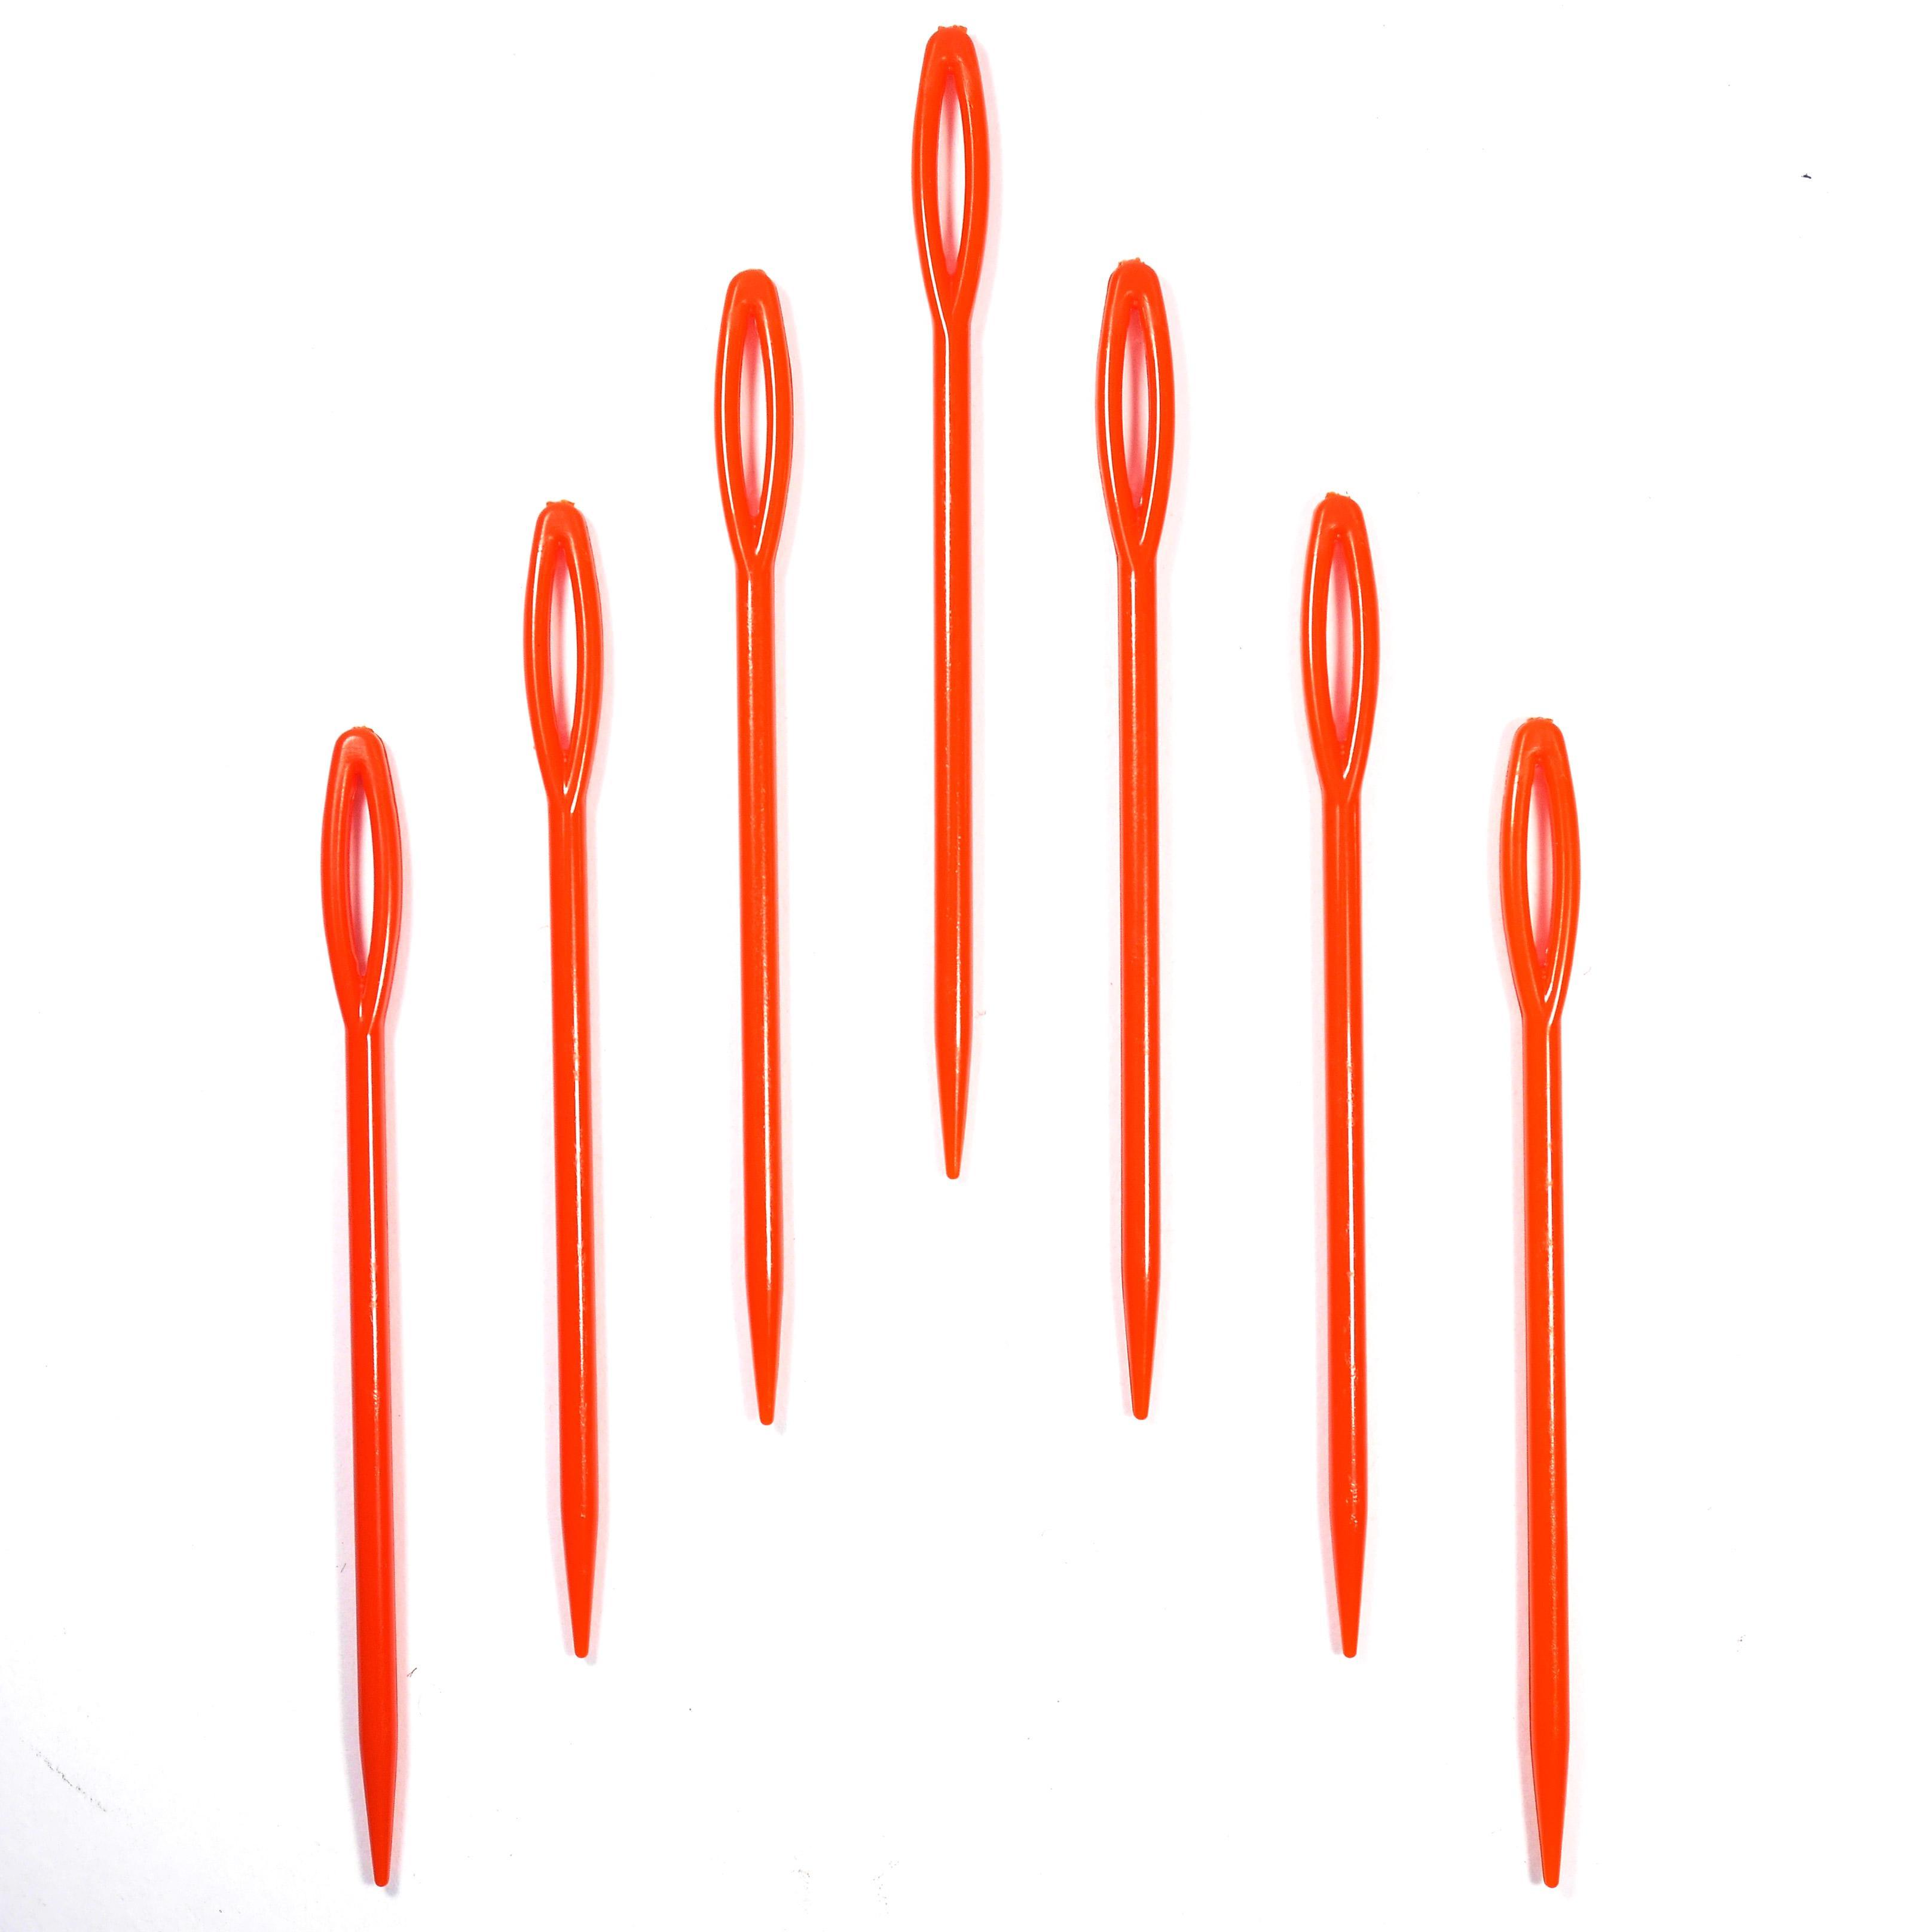 Игла для сшивания вяз. изделий 7,2мм (бол), пластик